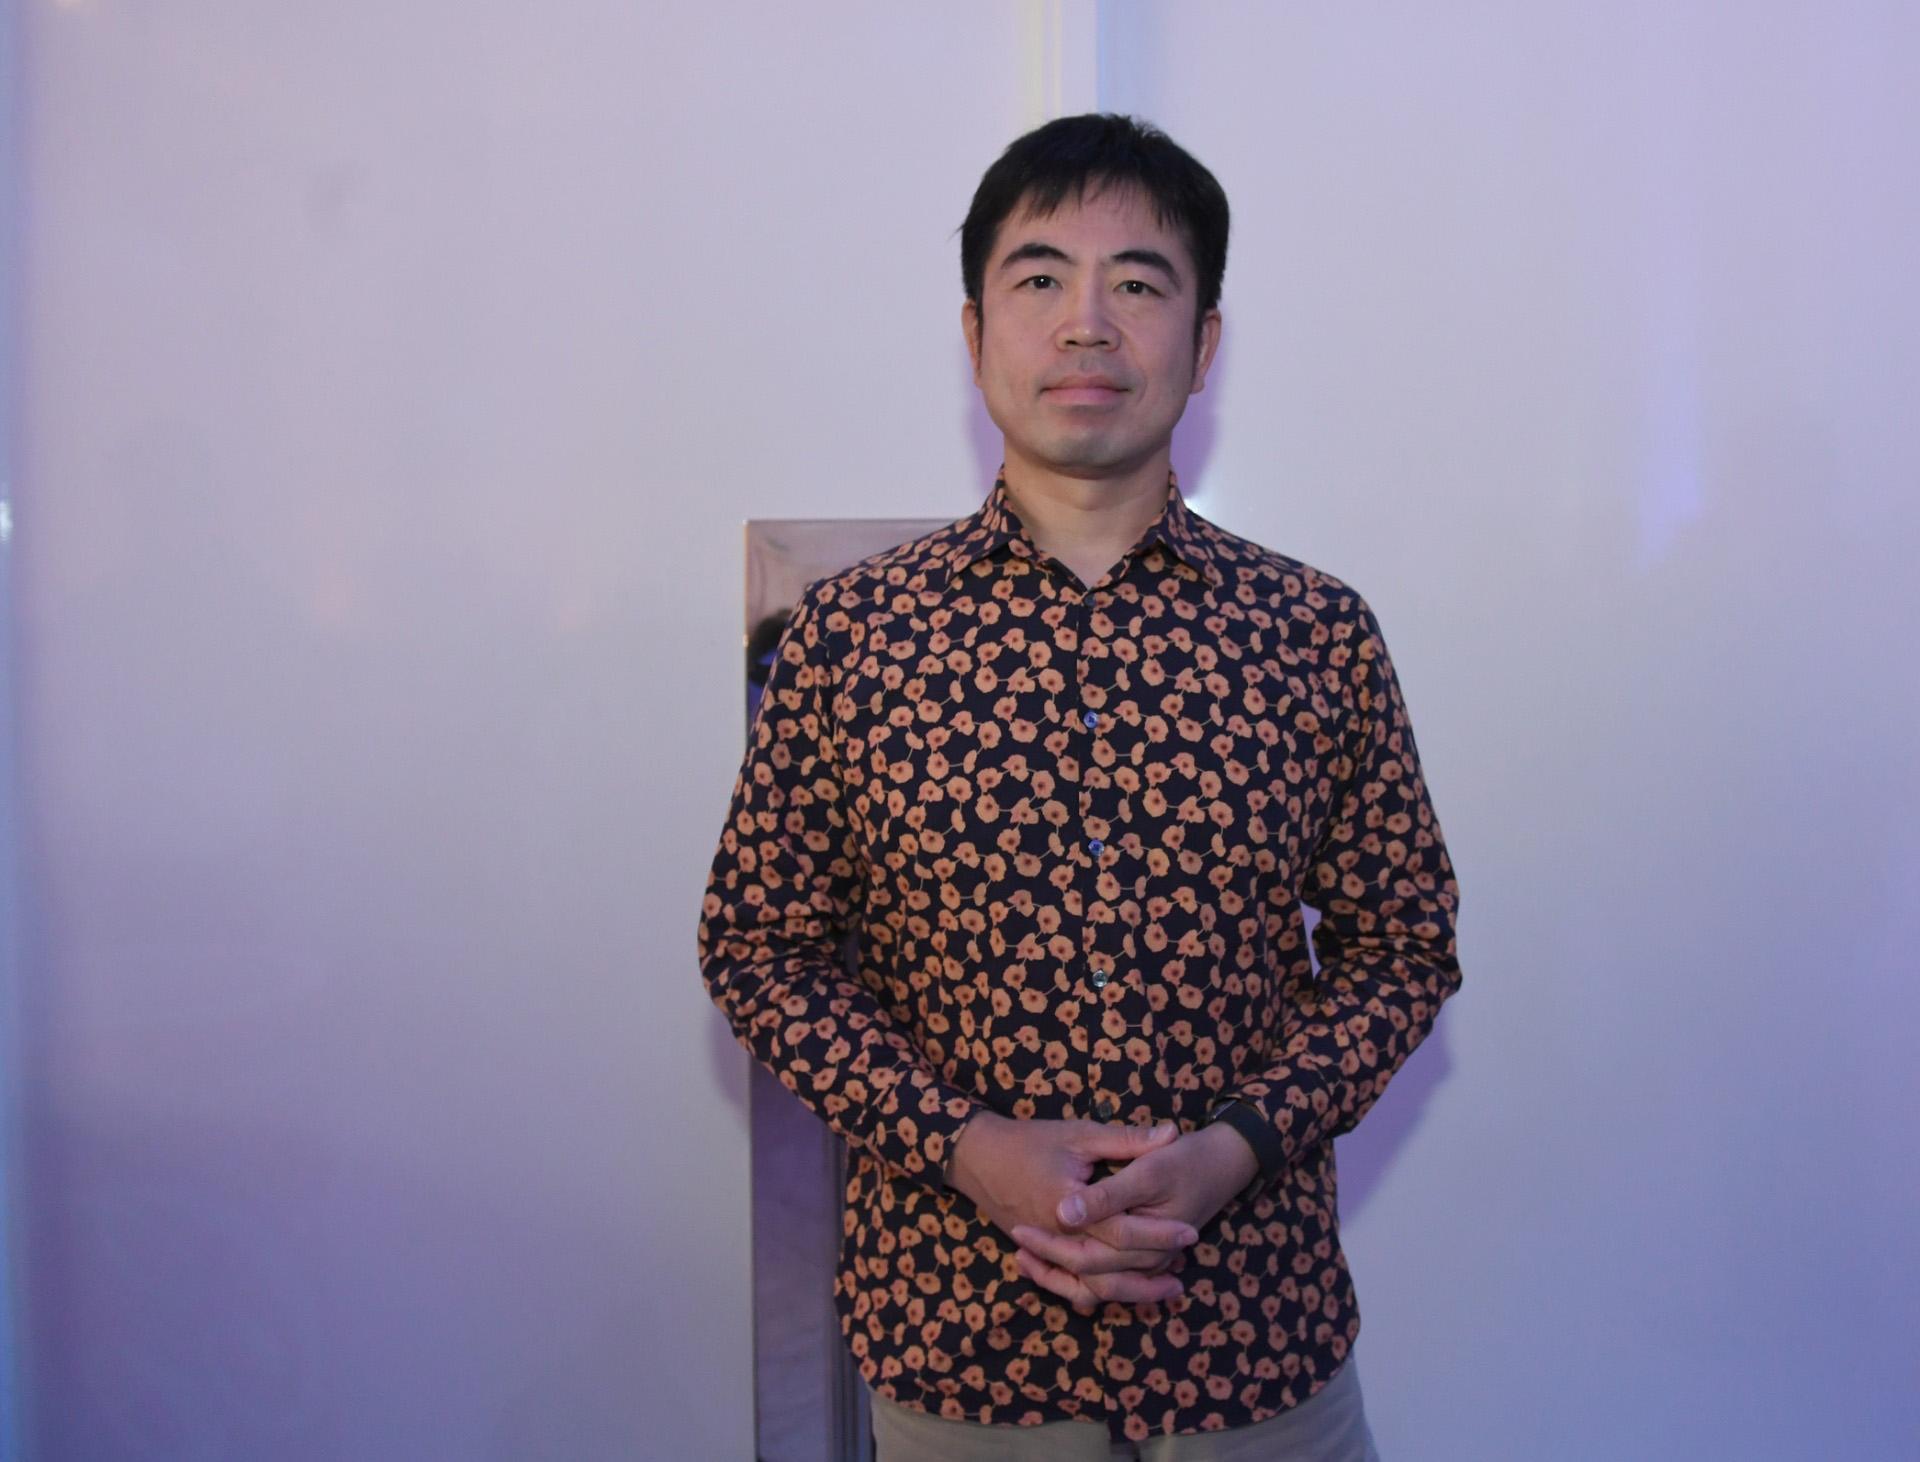 Presente en el FIAP 2018. Yasu Sasaki es cabeza de creatividad digital y director ejecutivo de Dentsu Inc. Tokio. Una compañía verdaderamente innovadora.